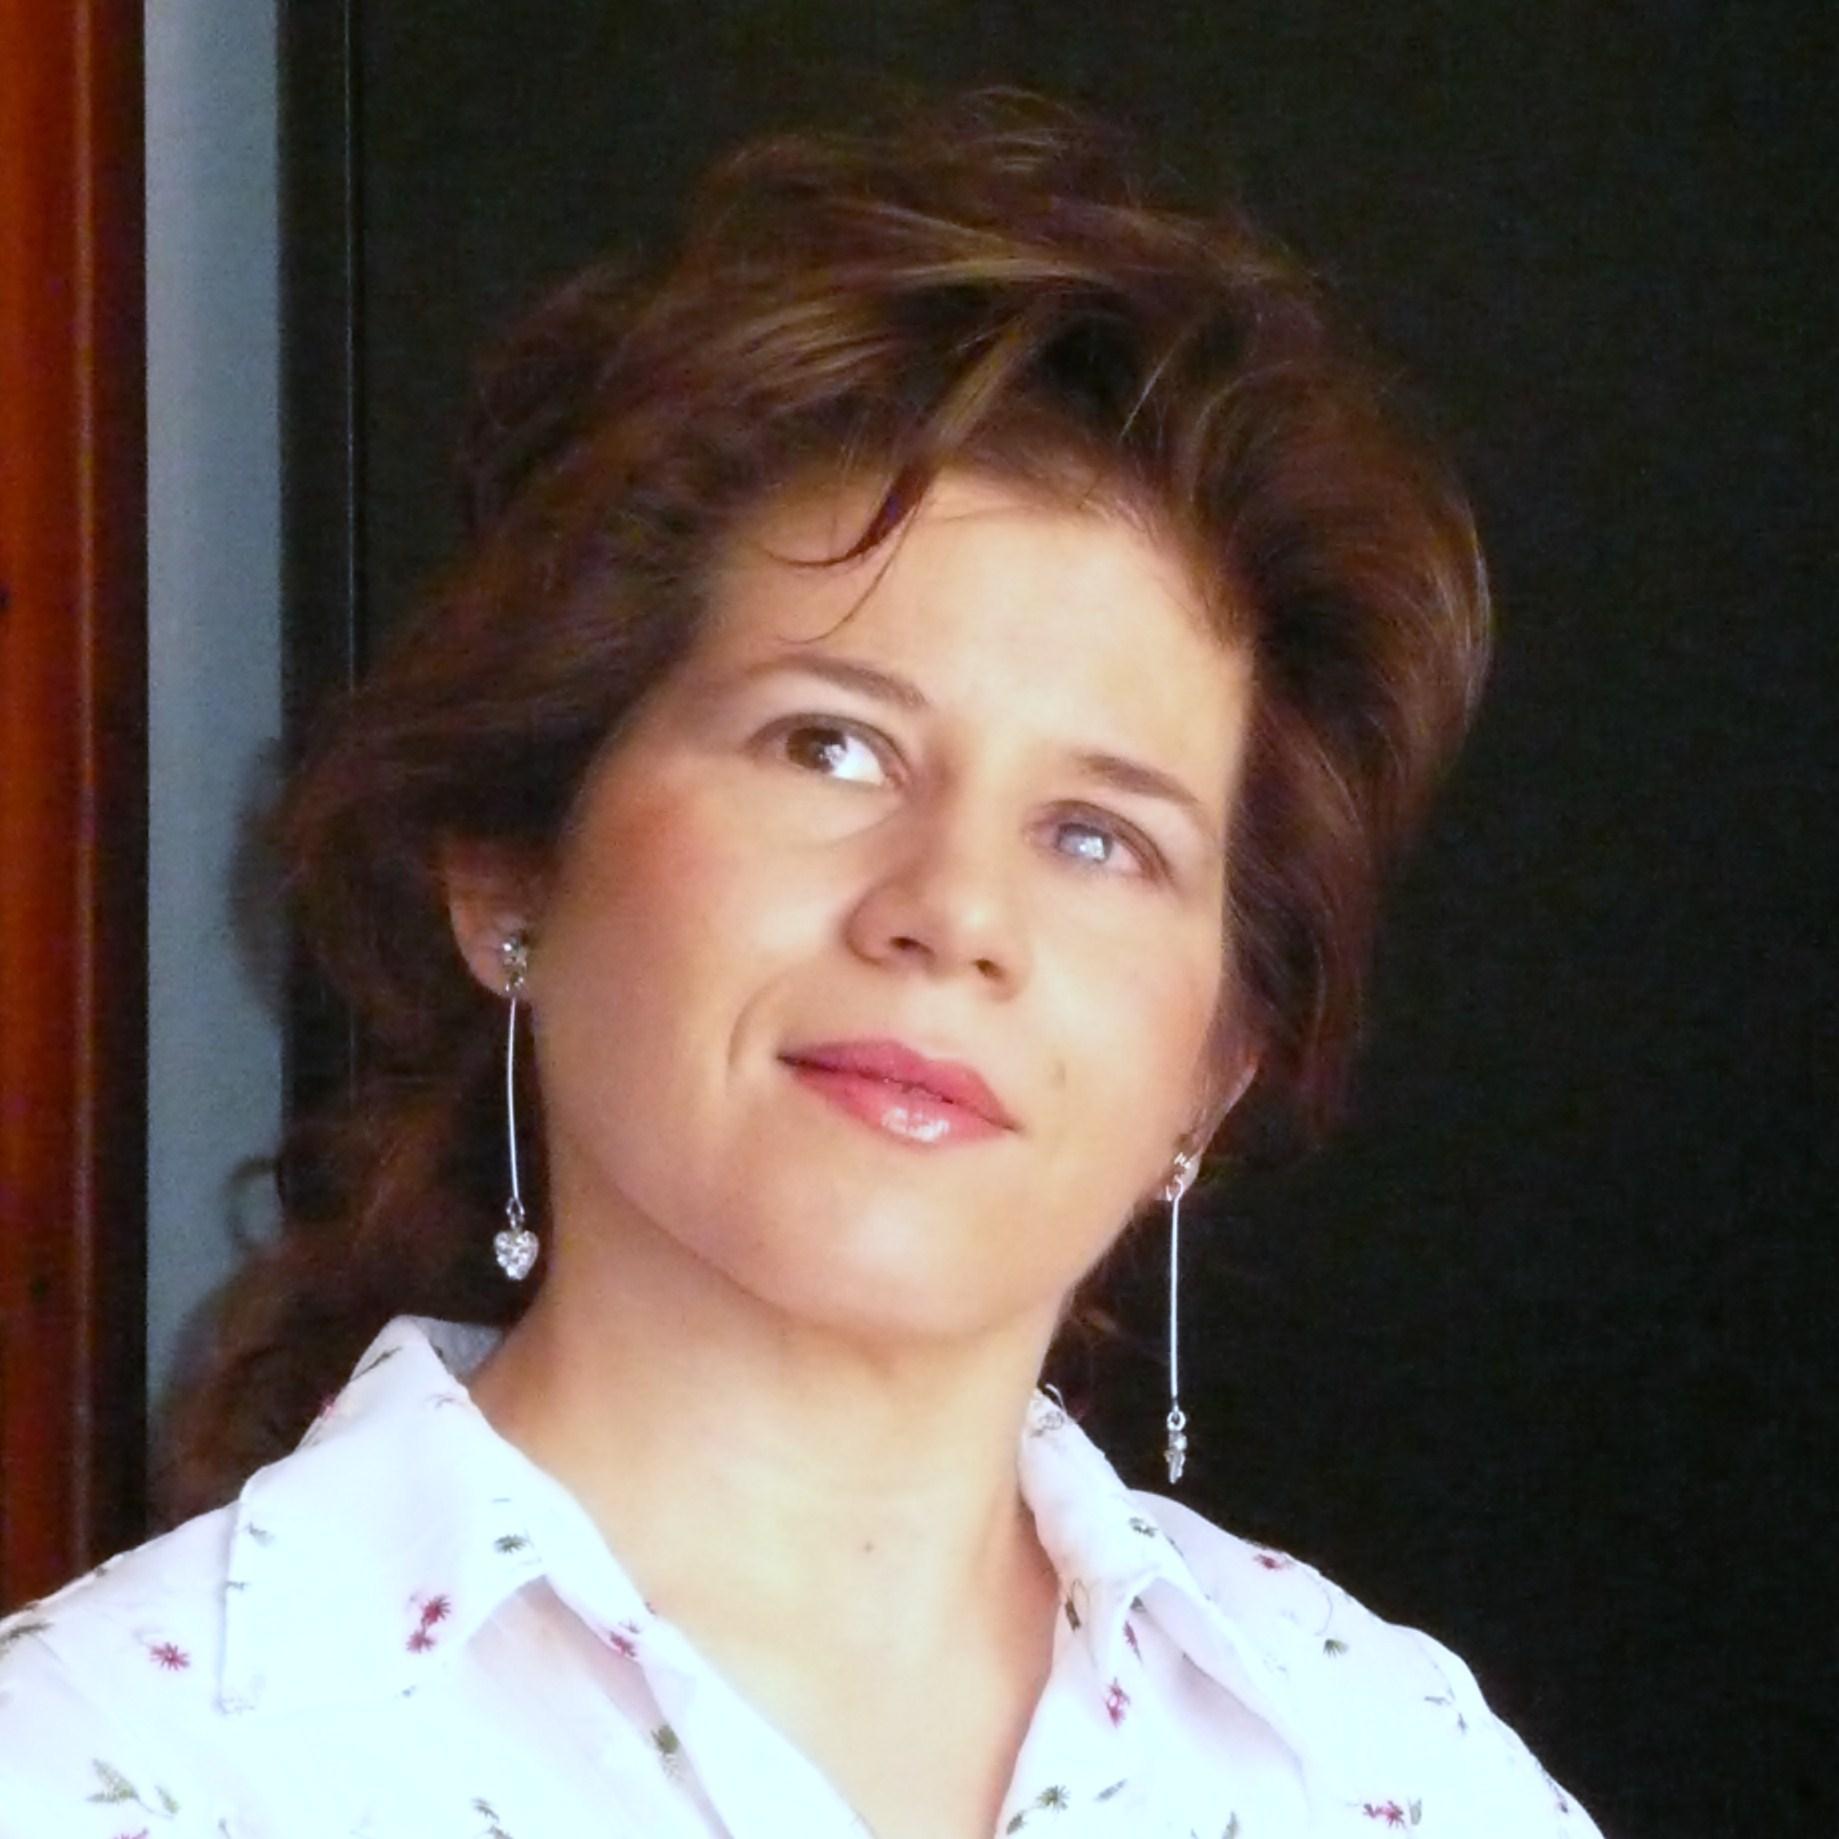 María Concepción Garijo Frontera